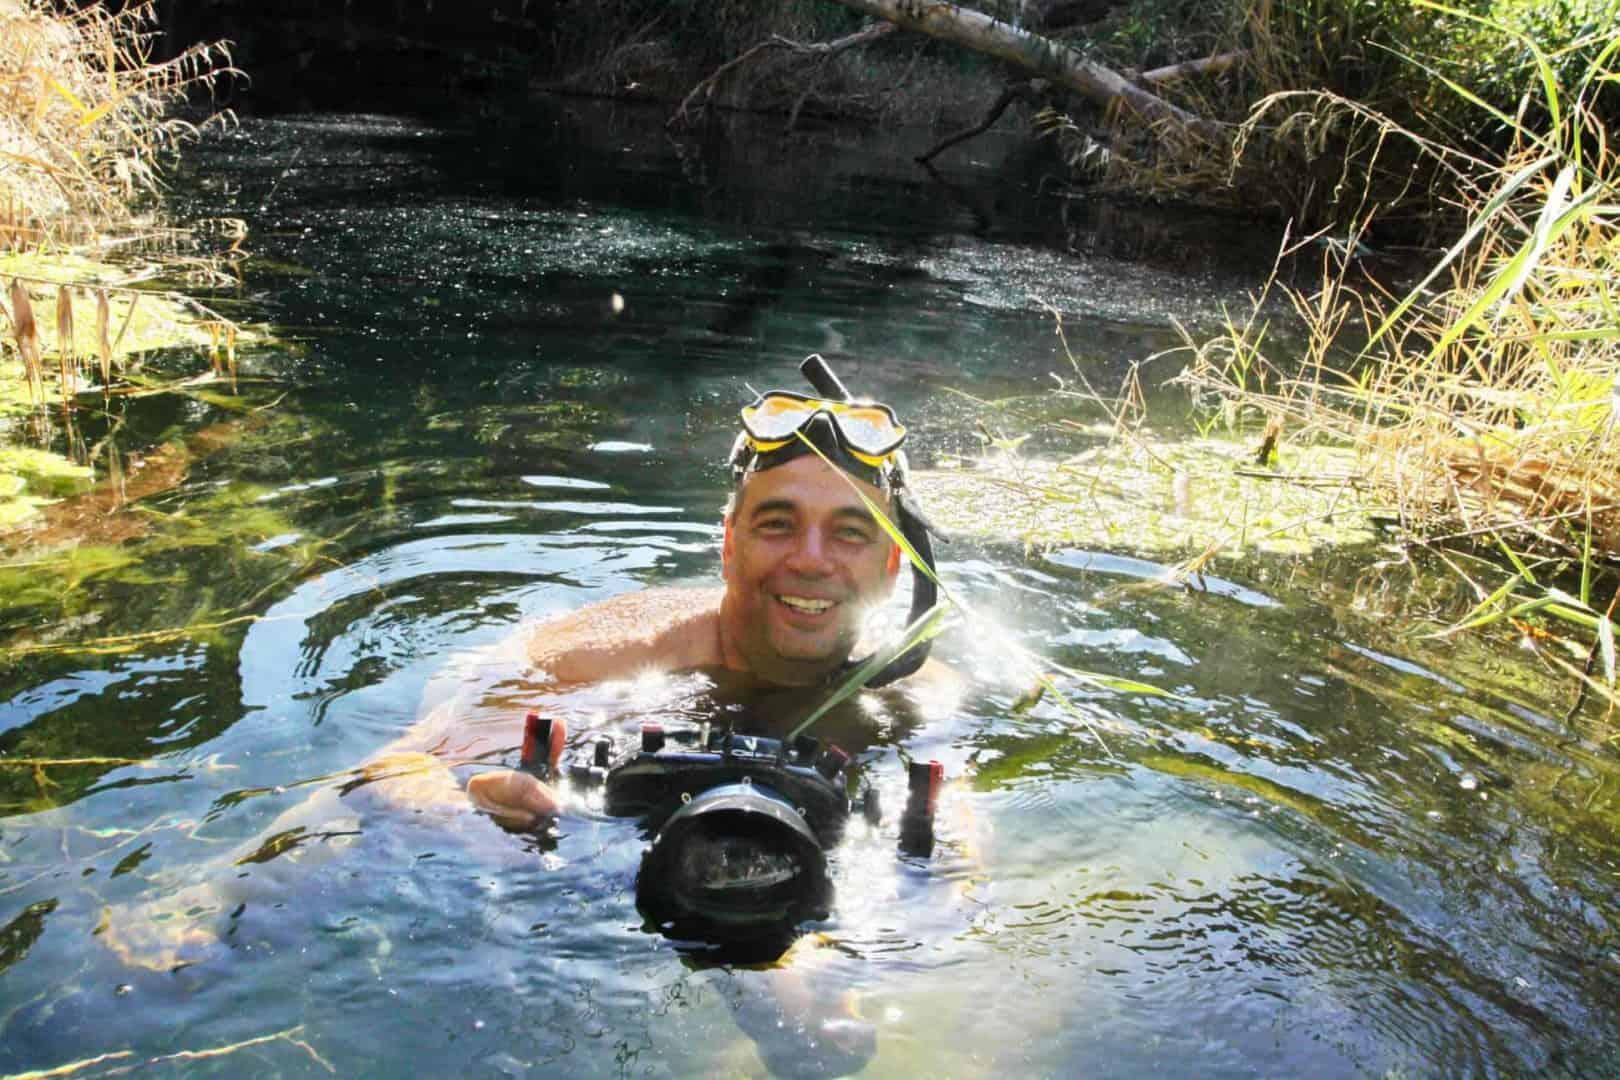 154 : Expeditionen zu den Biotopen der Aquarienfische Teil 2 (Heiko Blessin) 27